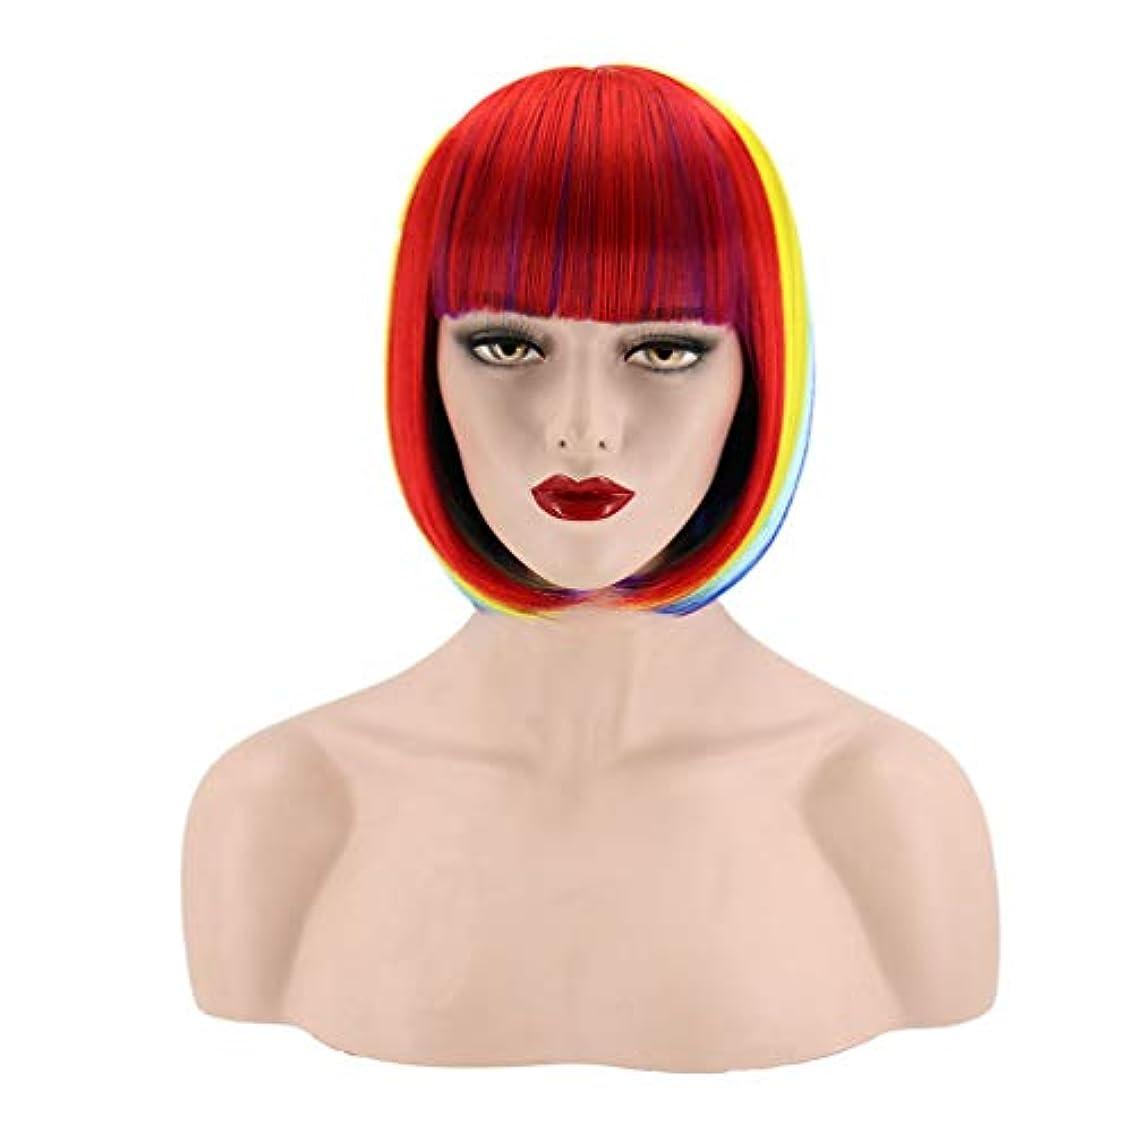 プット効率的に南方の女性ウィッグ合成ボブショートウィッグ耐熱コスプレパーティーヘアウィッグ150%密度30cm